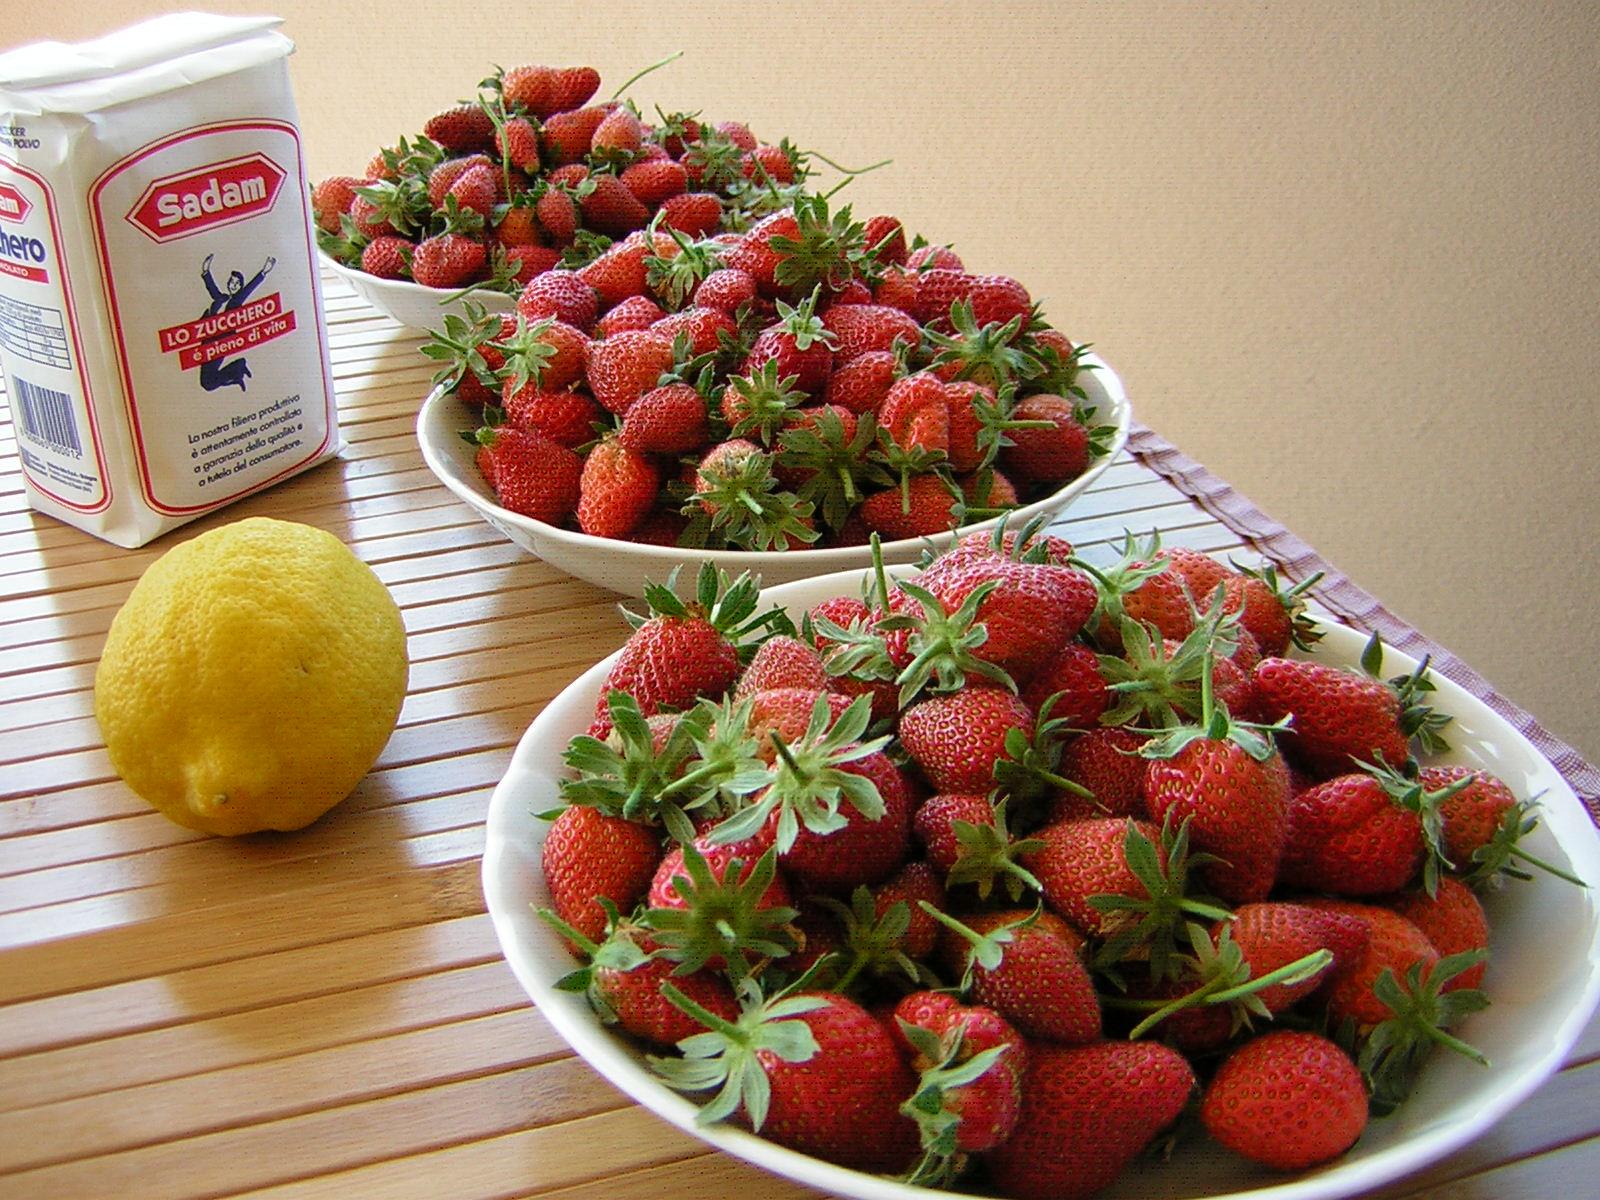 ingredienti per la marmellata di fragole